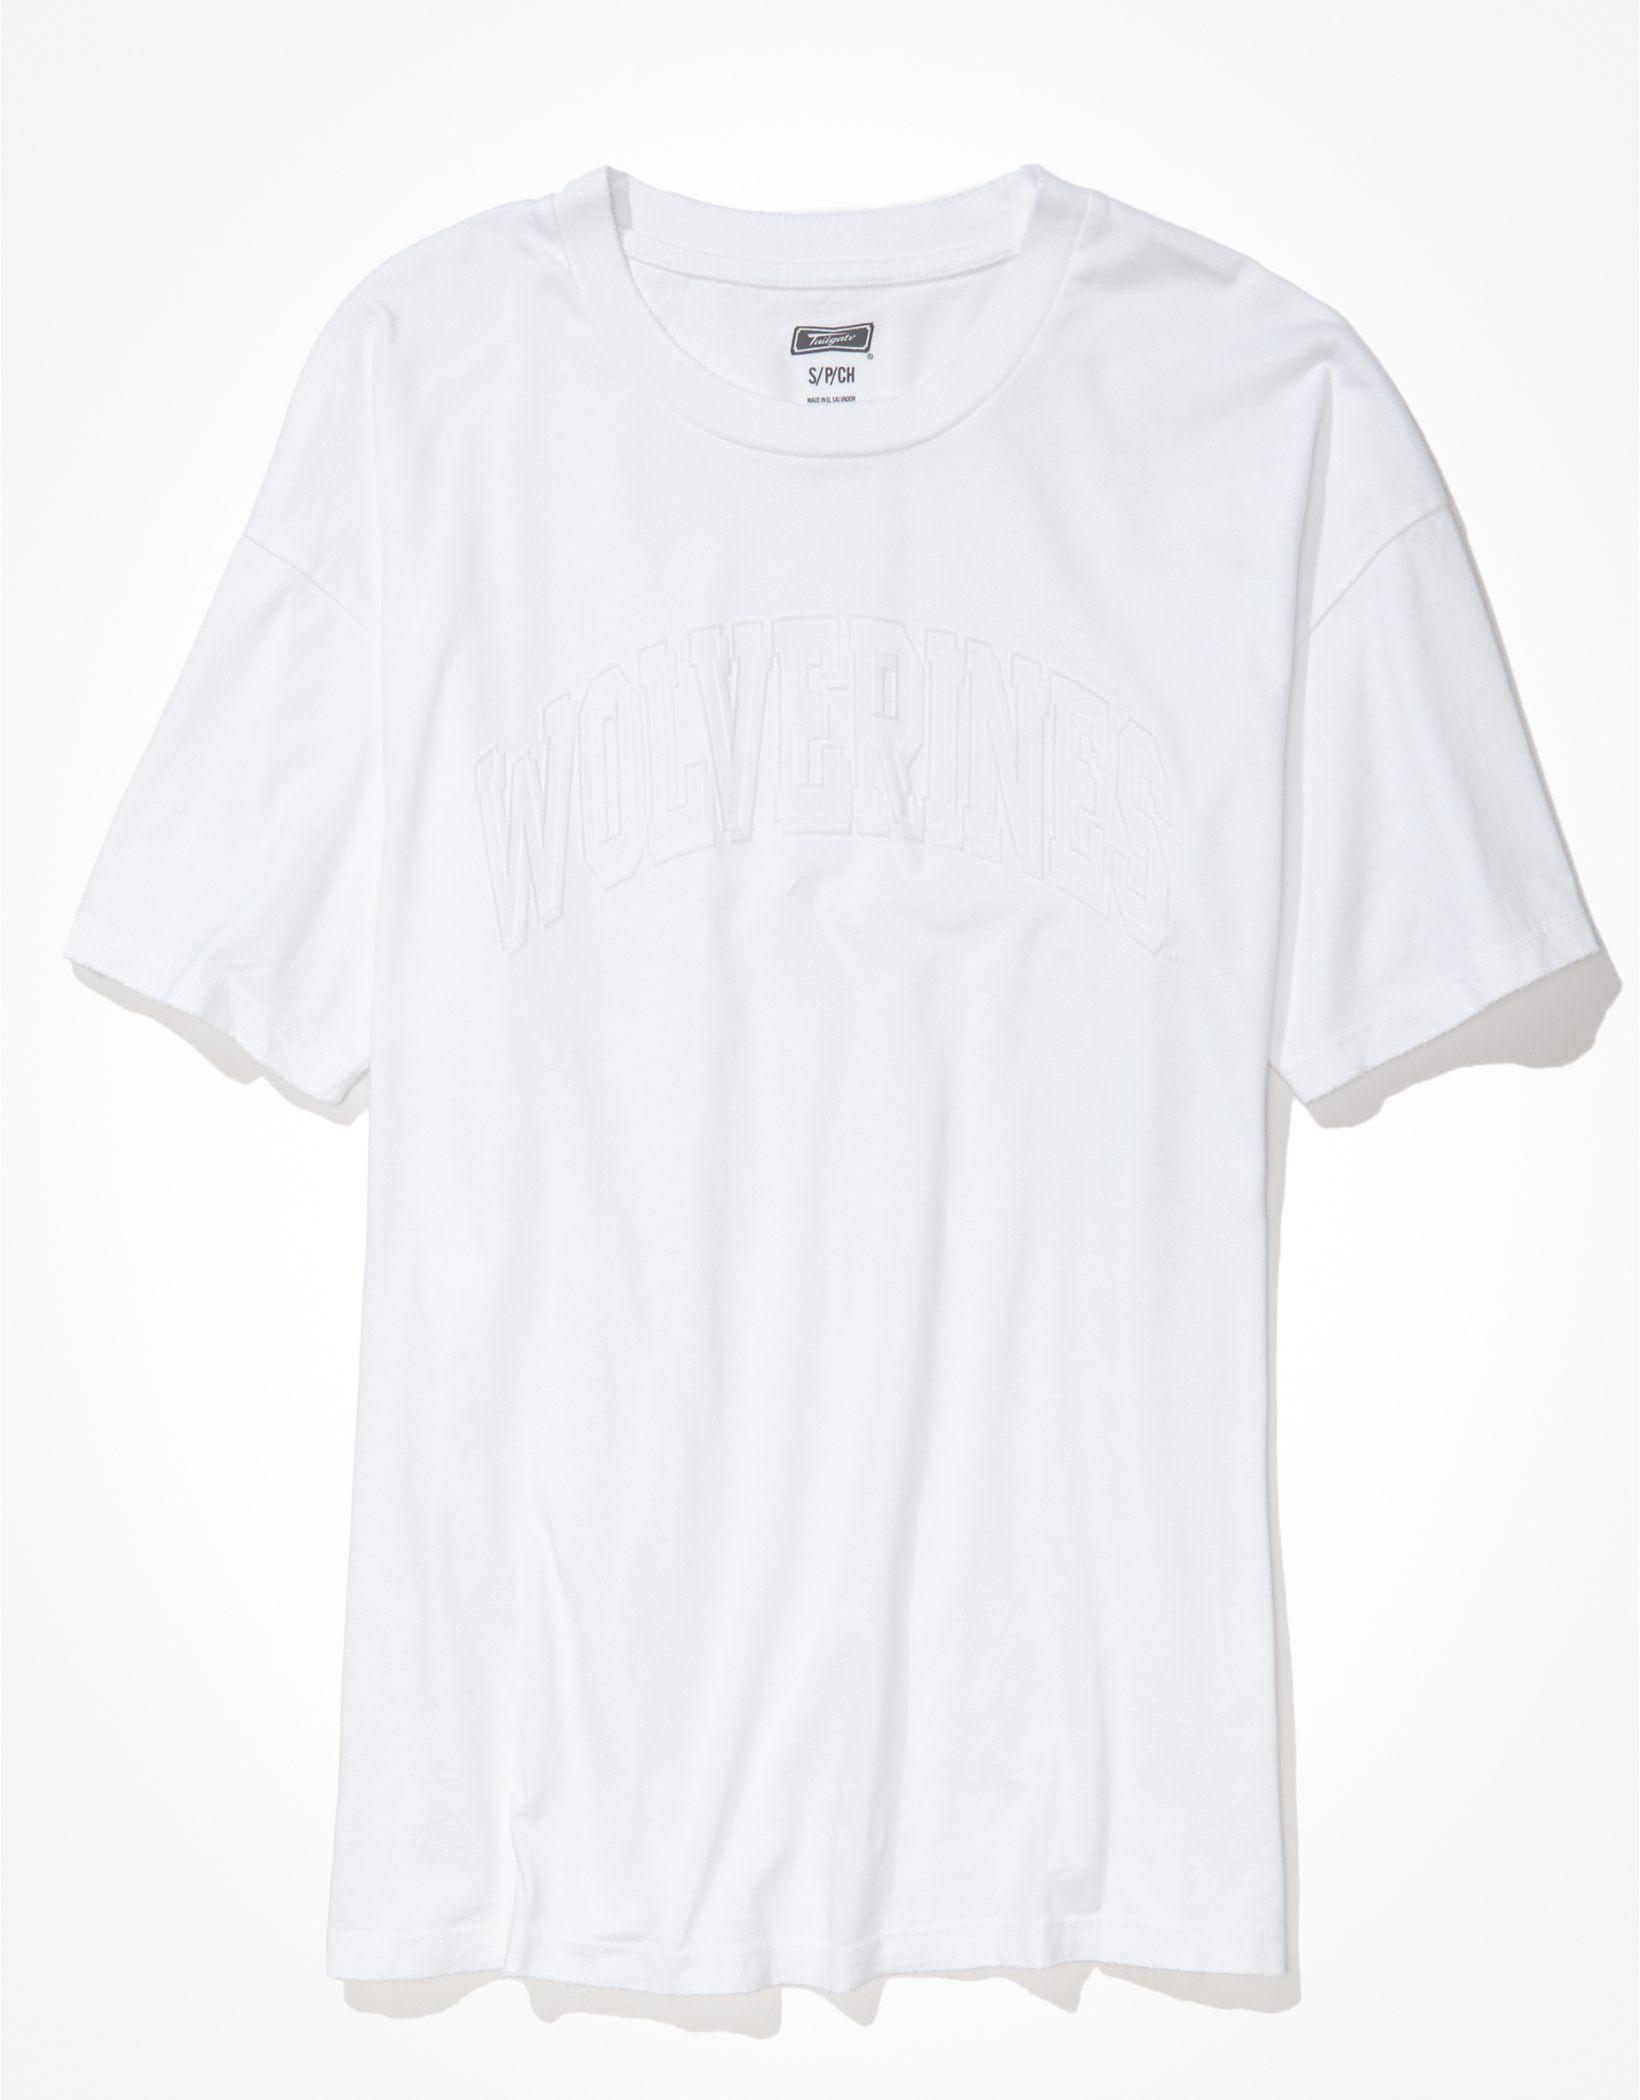 Tailgate Women's Michigan Wolverines Tonal Graphic T-Shirt